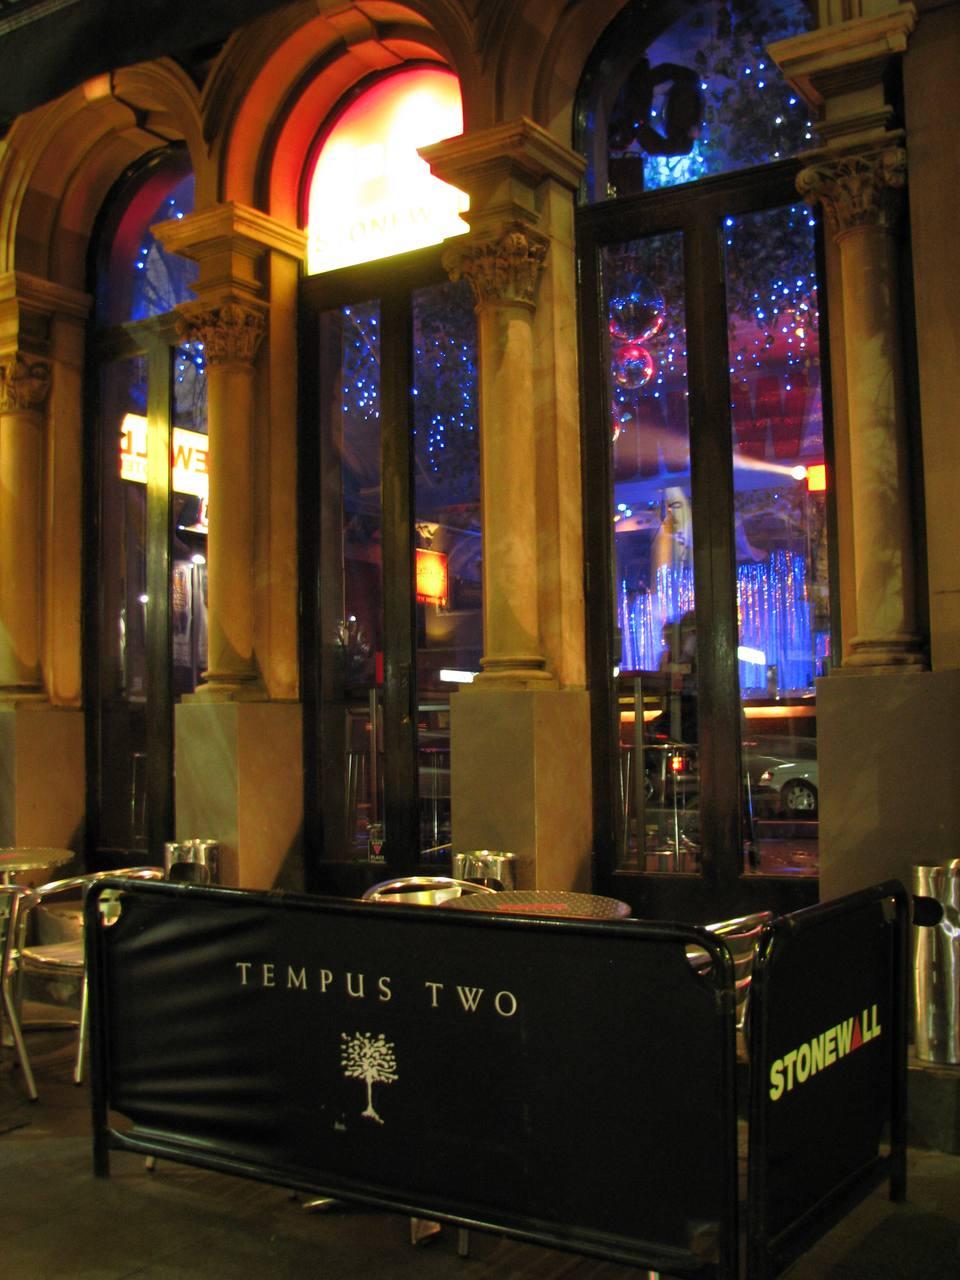 Stonewall Hotel Gay Bar on Oxford Street